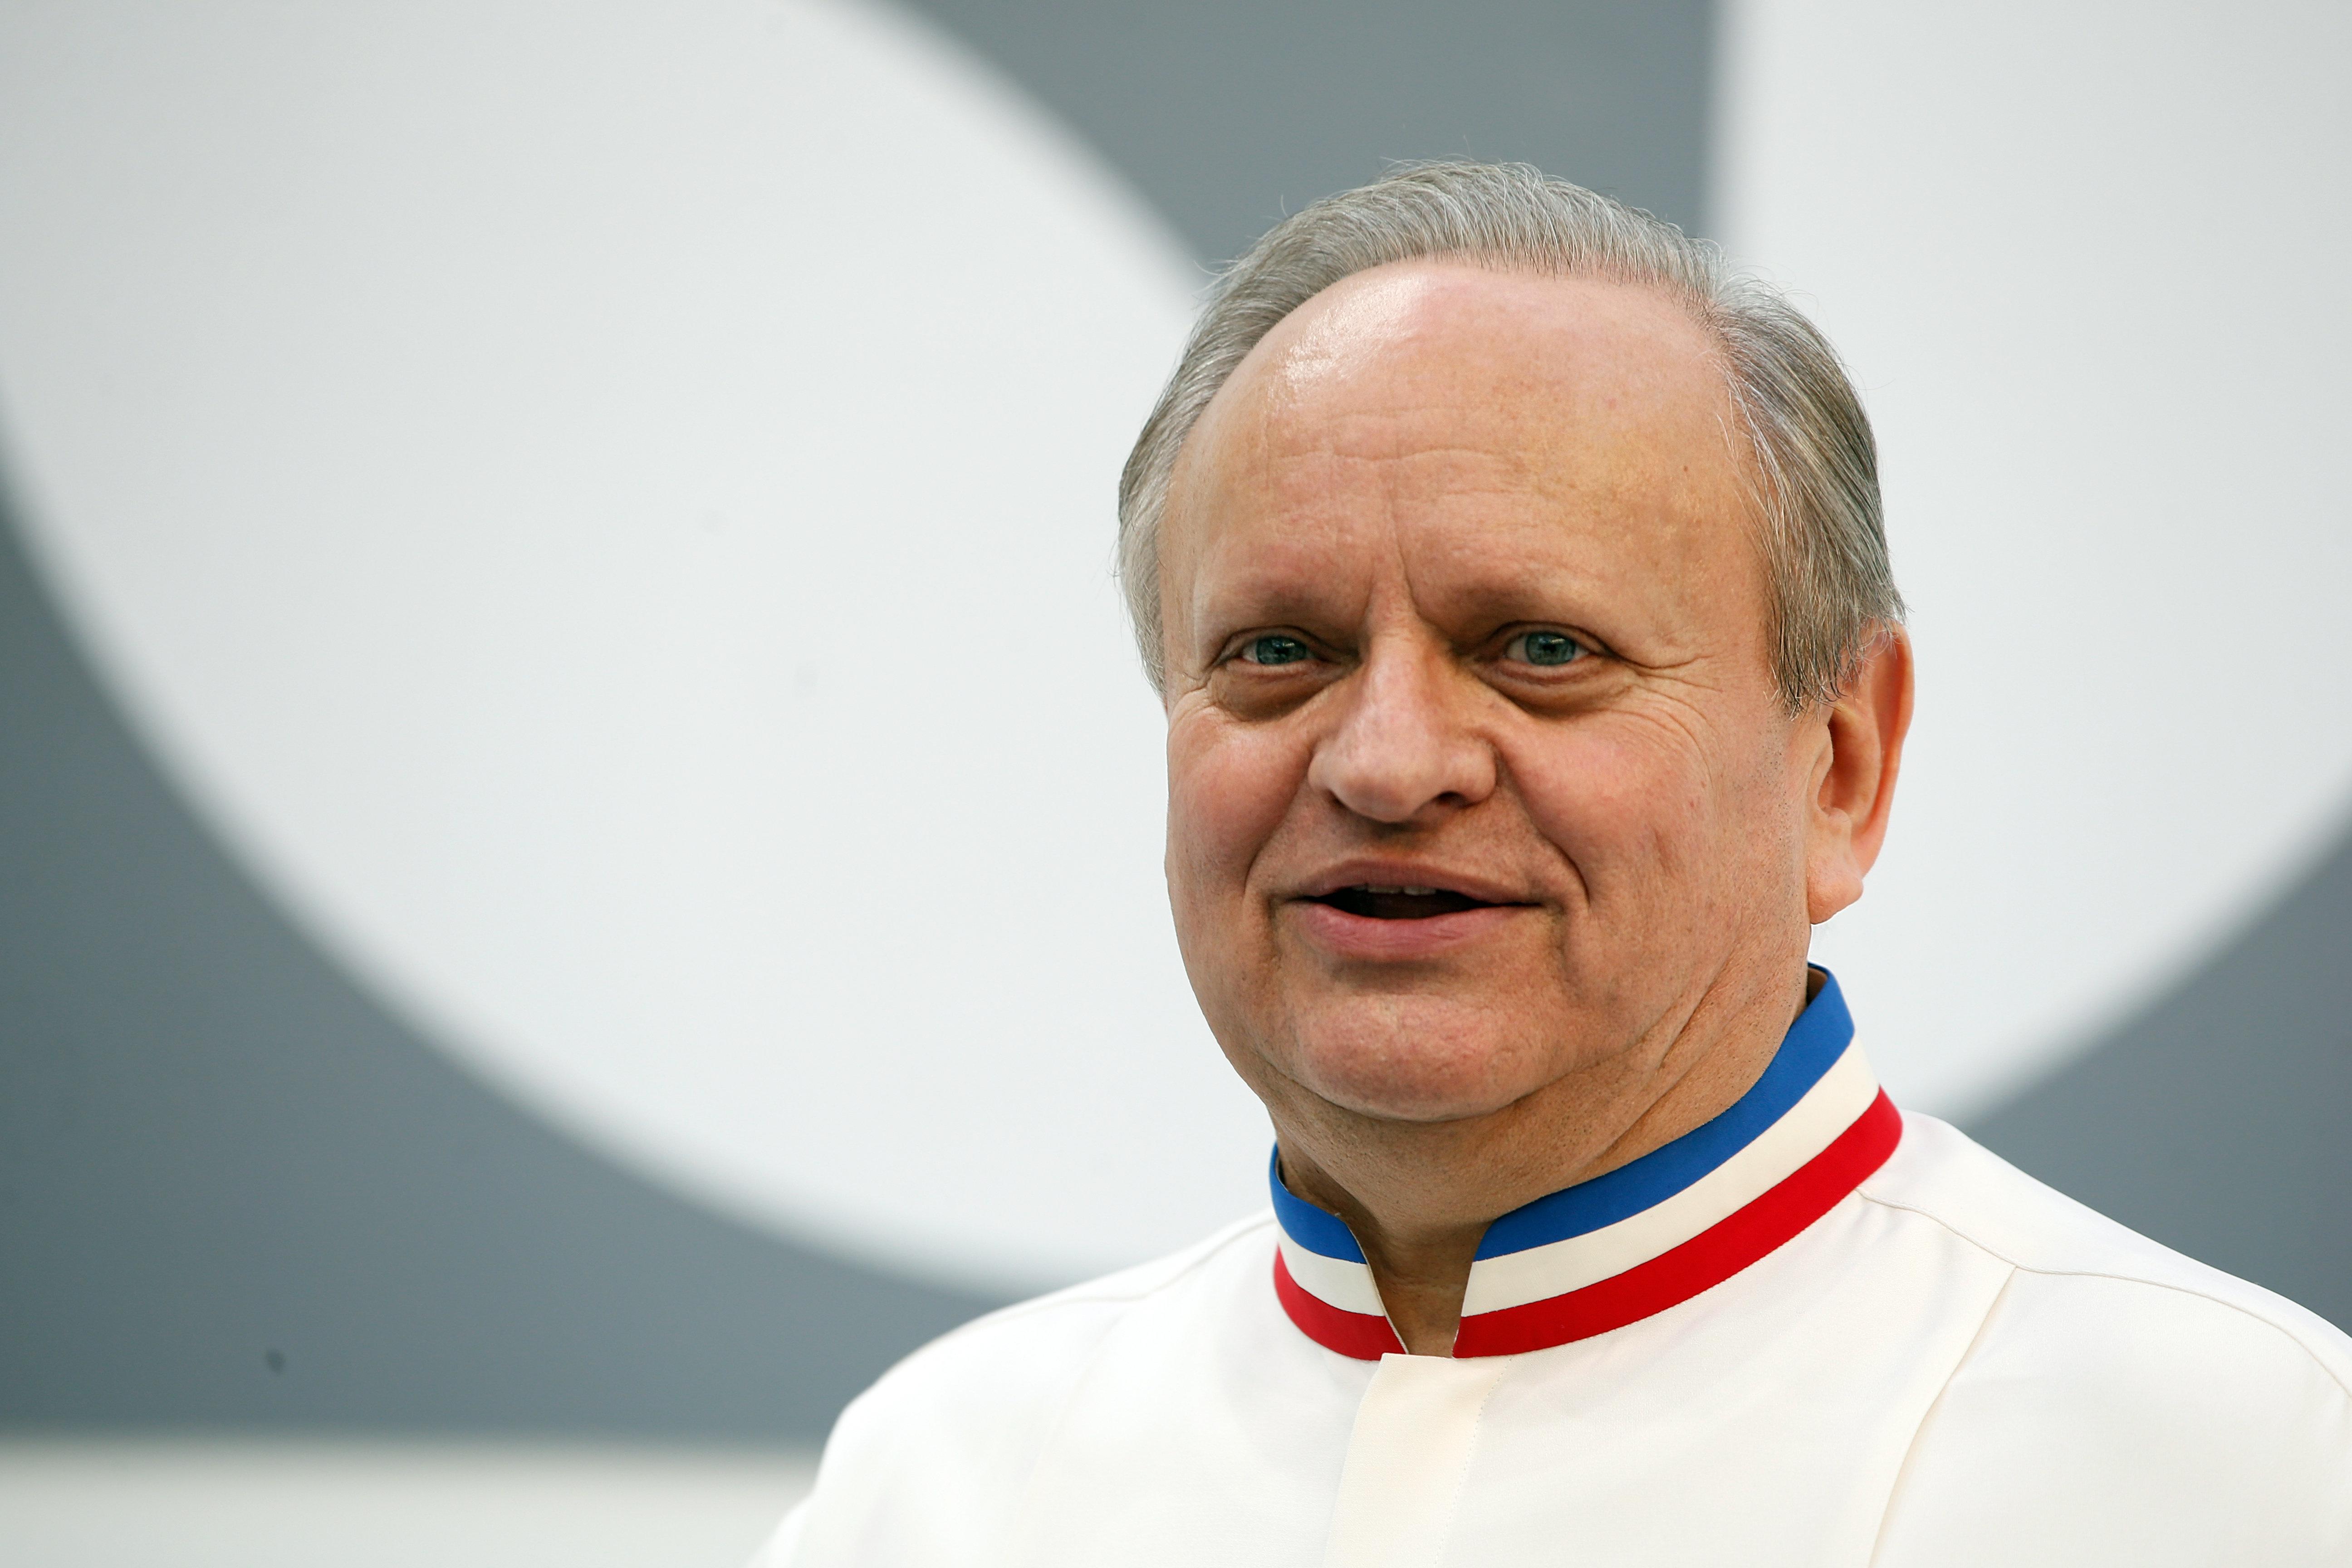 Le chef français Joël Robuchon s'éteint à 73